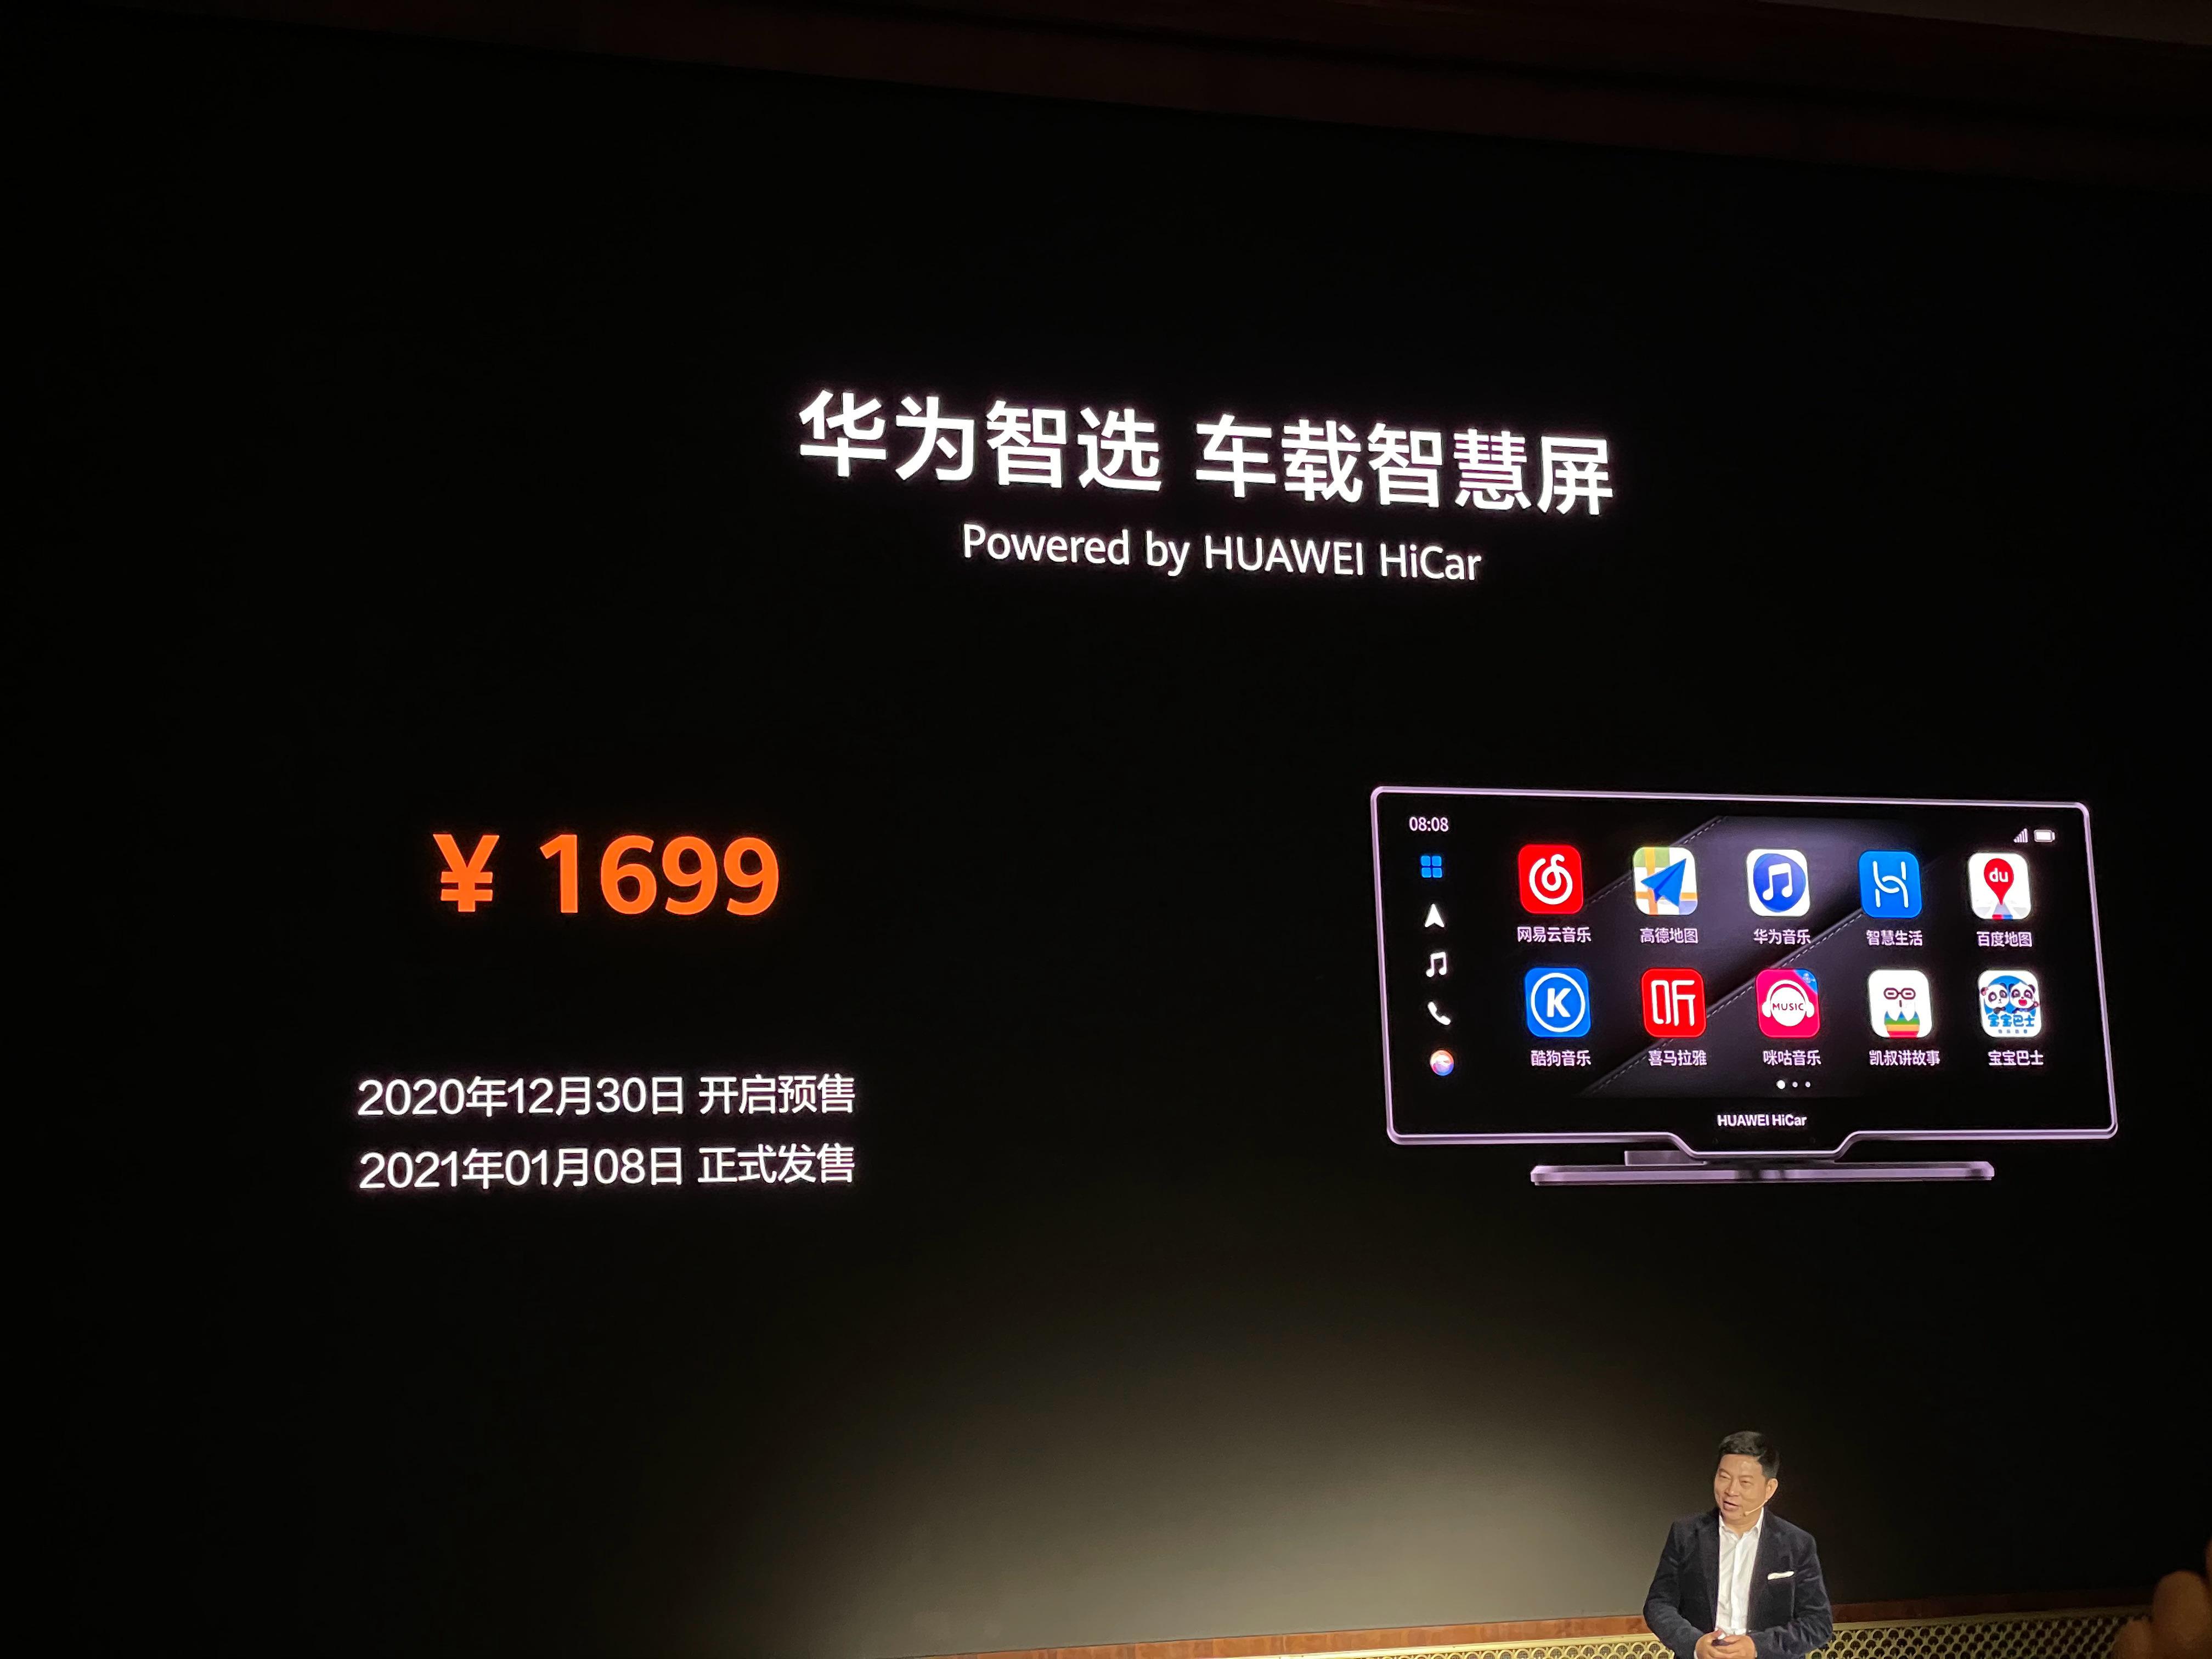 1699元 华为车载智慧屏发布 前后双摄/软件丰富